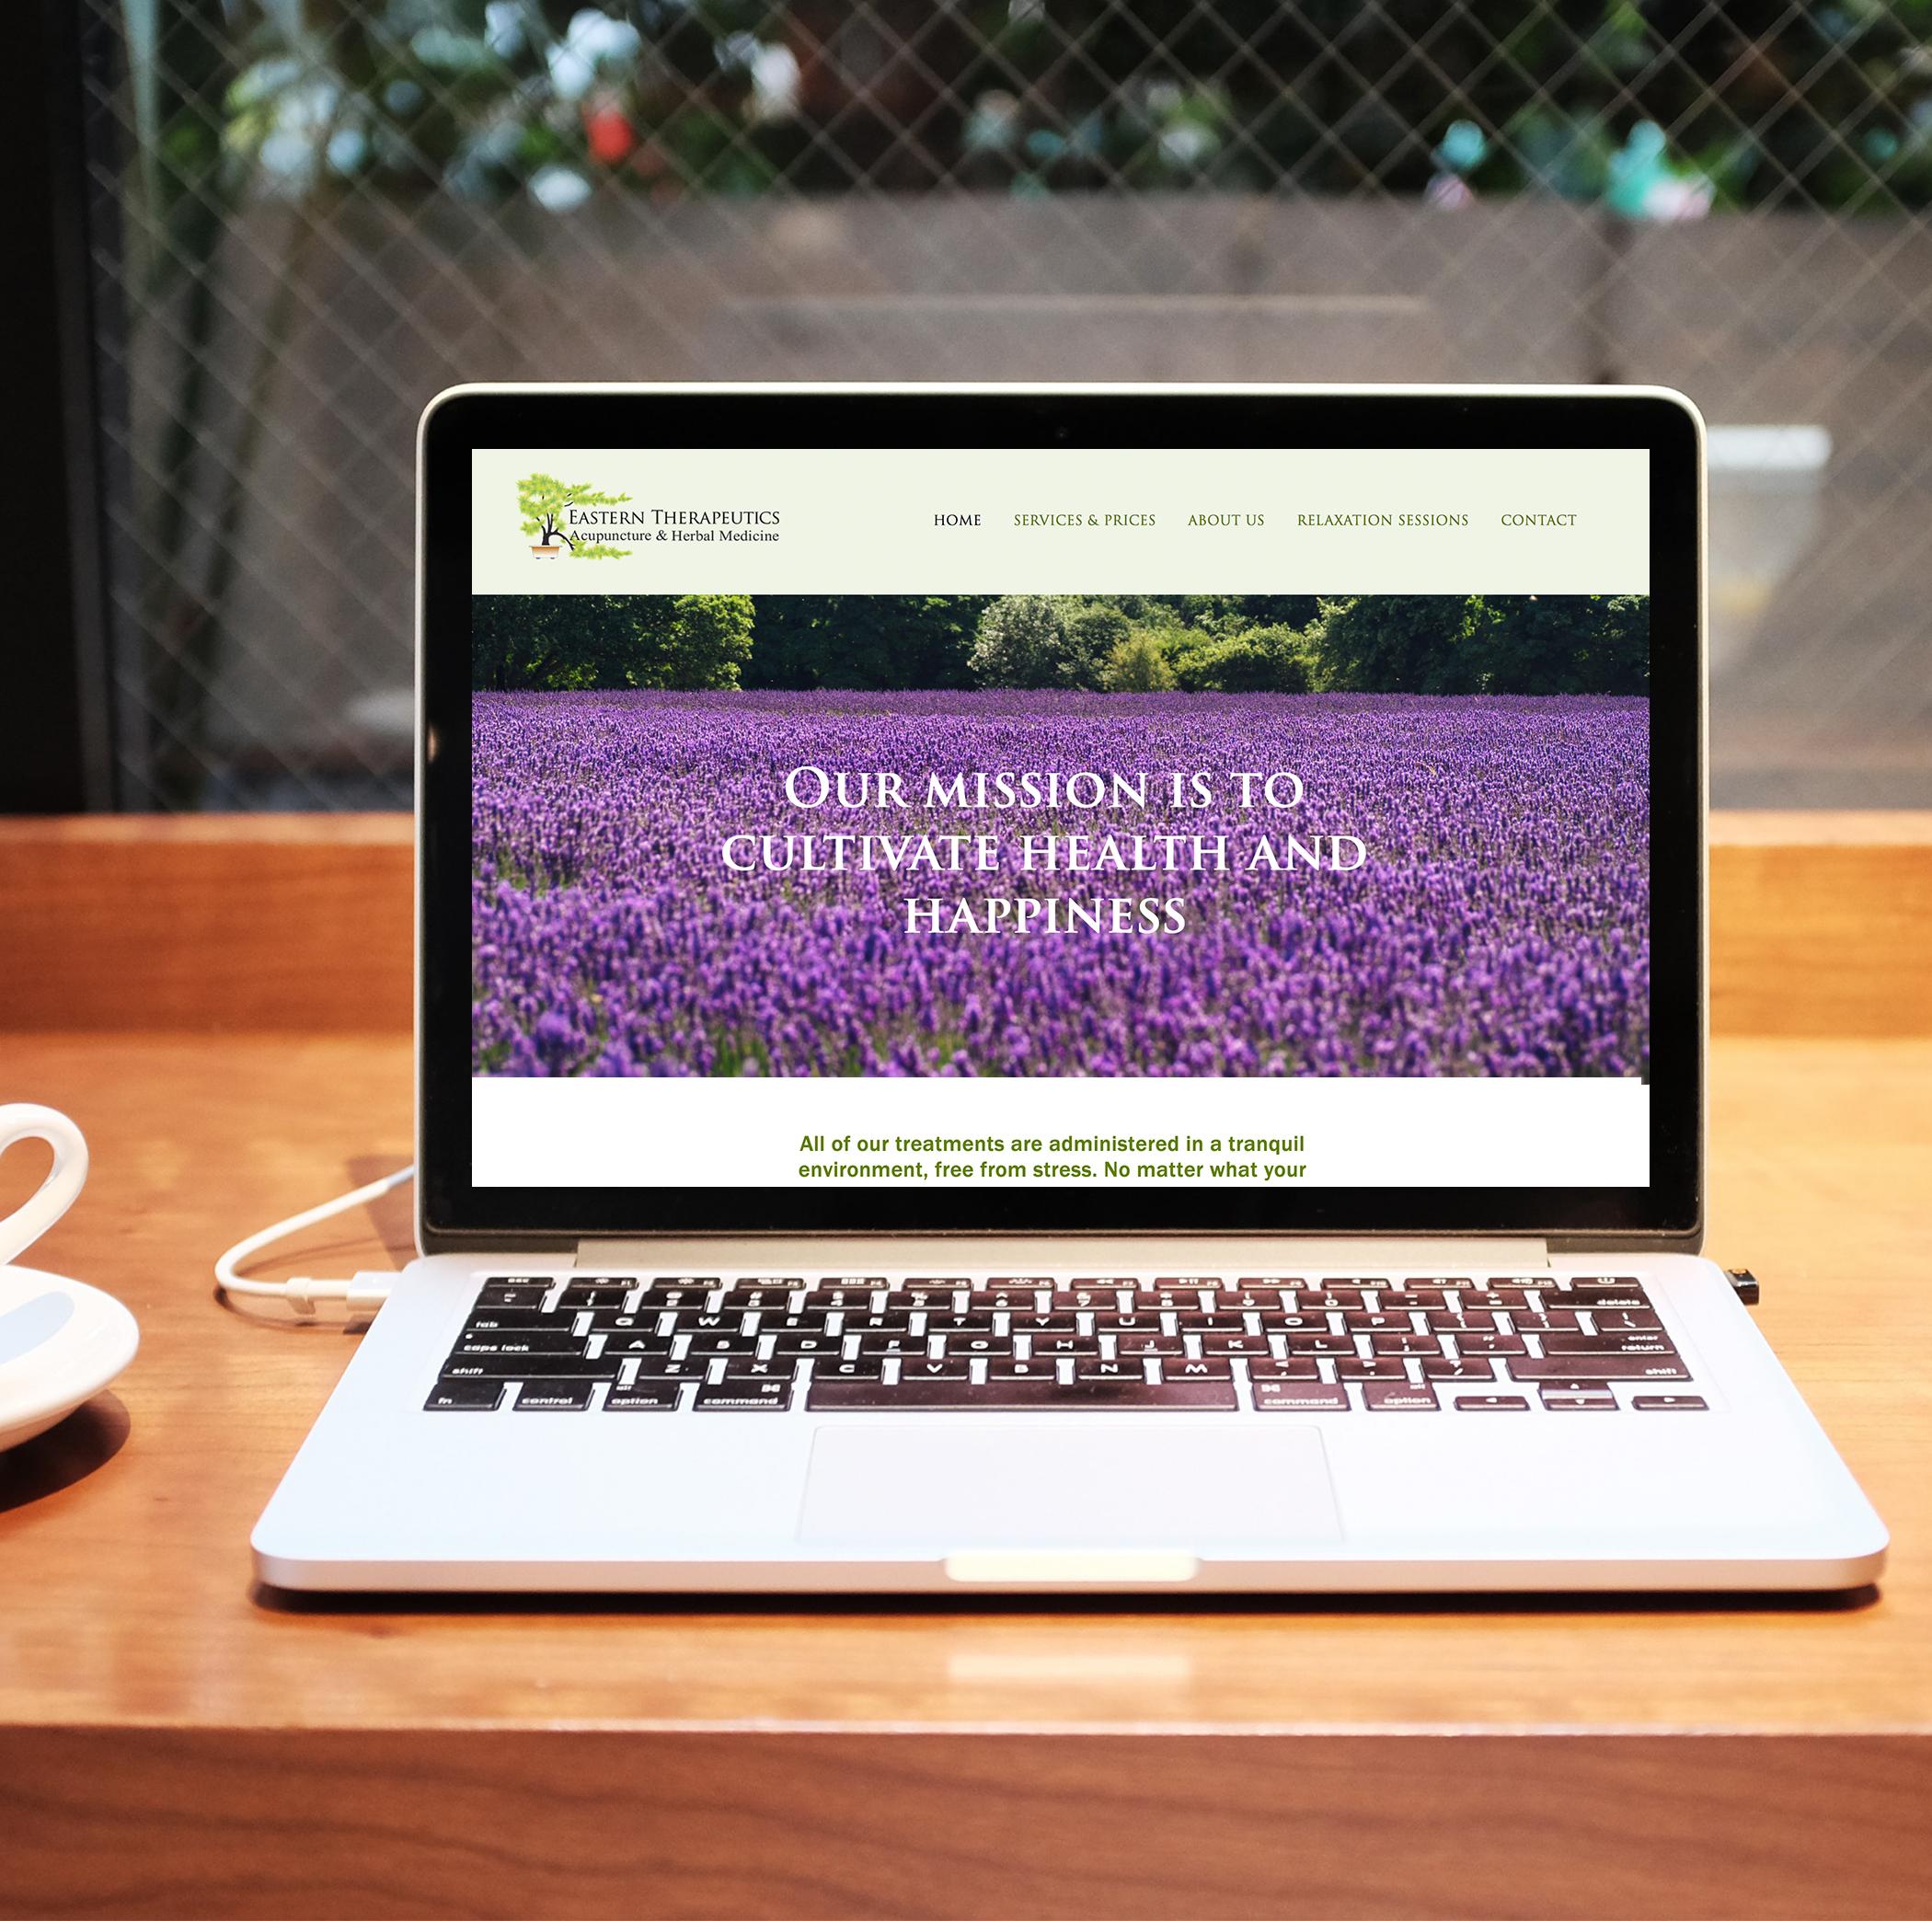 acupuncture wellness squarespace website design